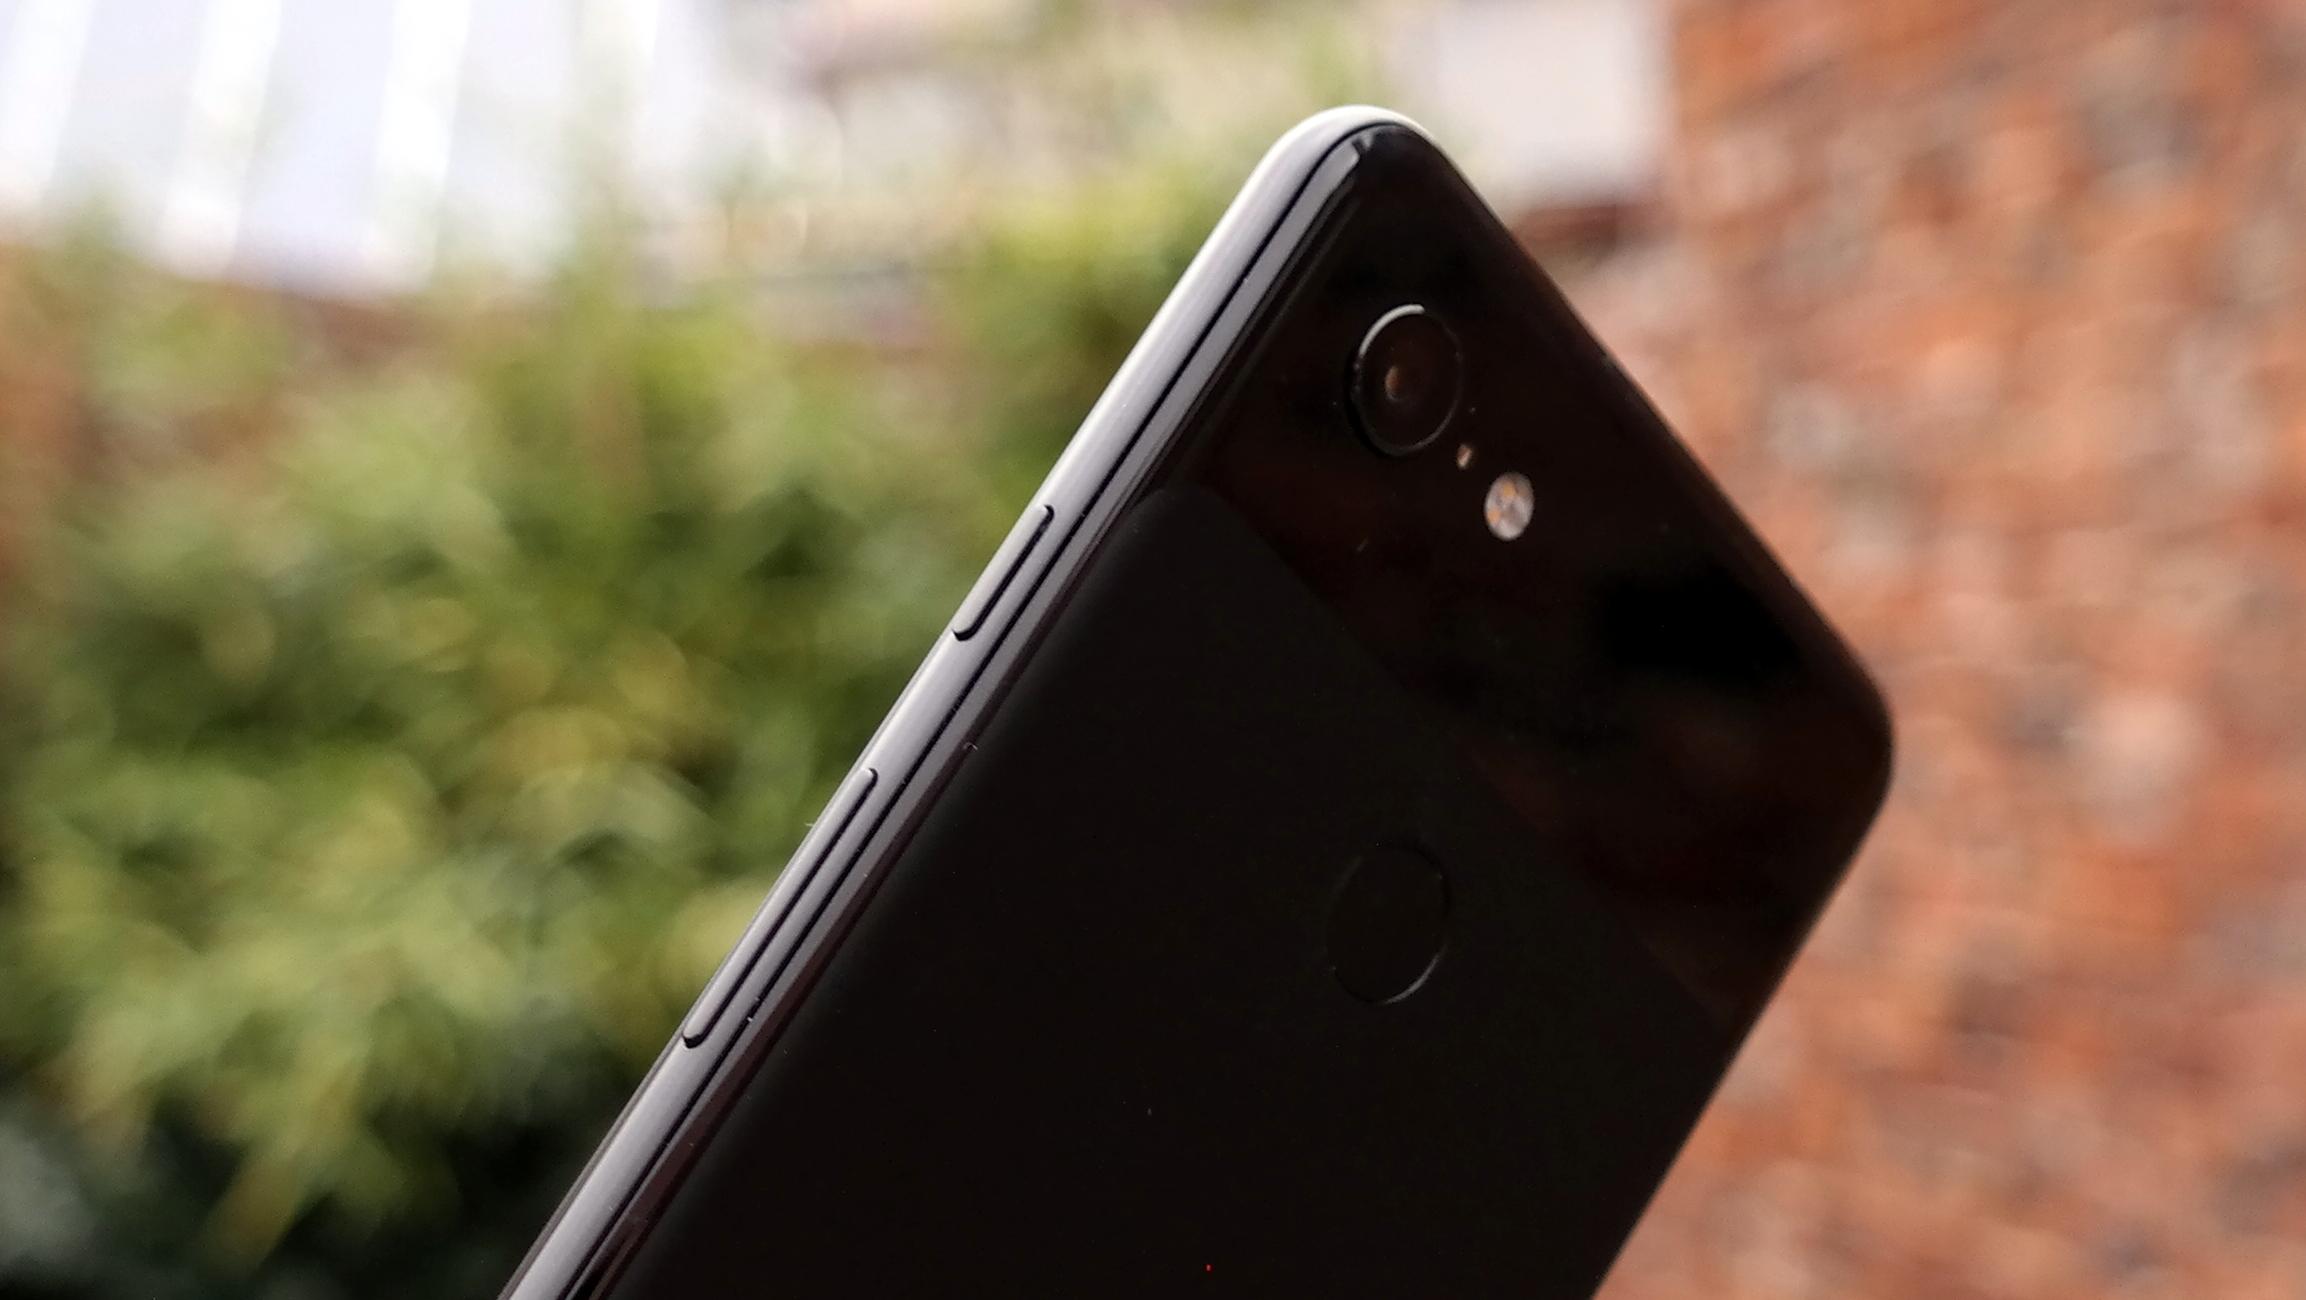 Nové Pixely asi nabídnout 4D technologii pro fotky a videa